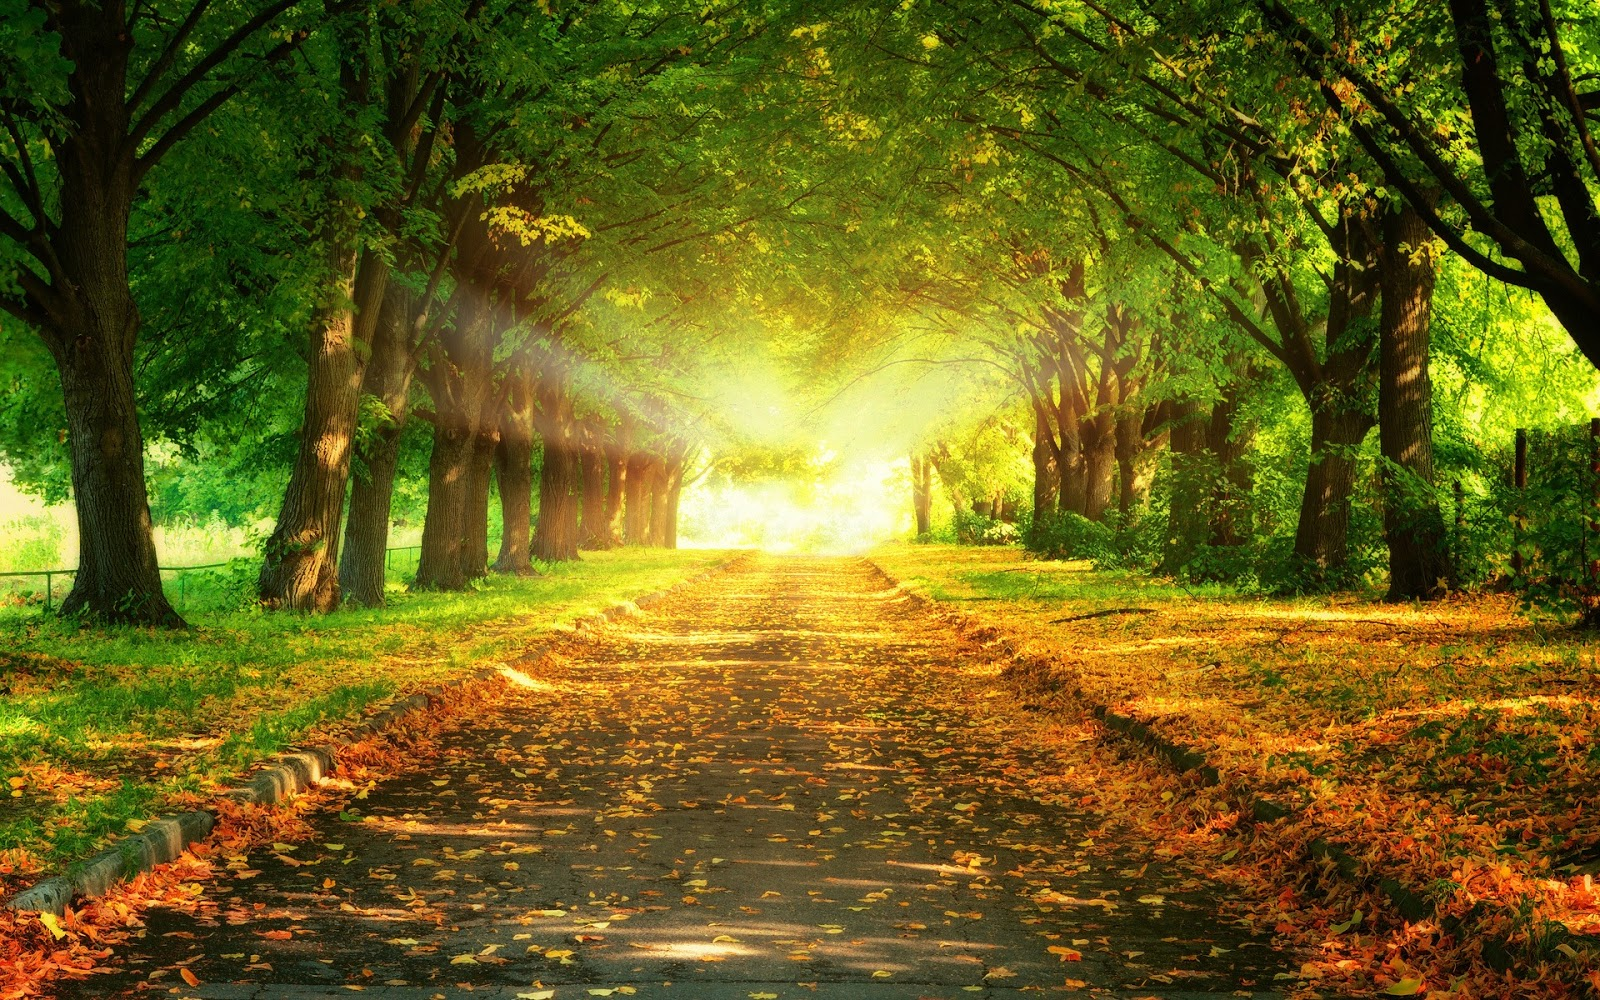 autumn wallpaper fall wallpaper 1600x900 autumn wallpapers hd 1600x1000